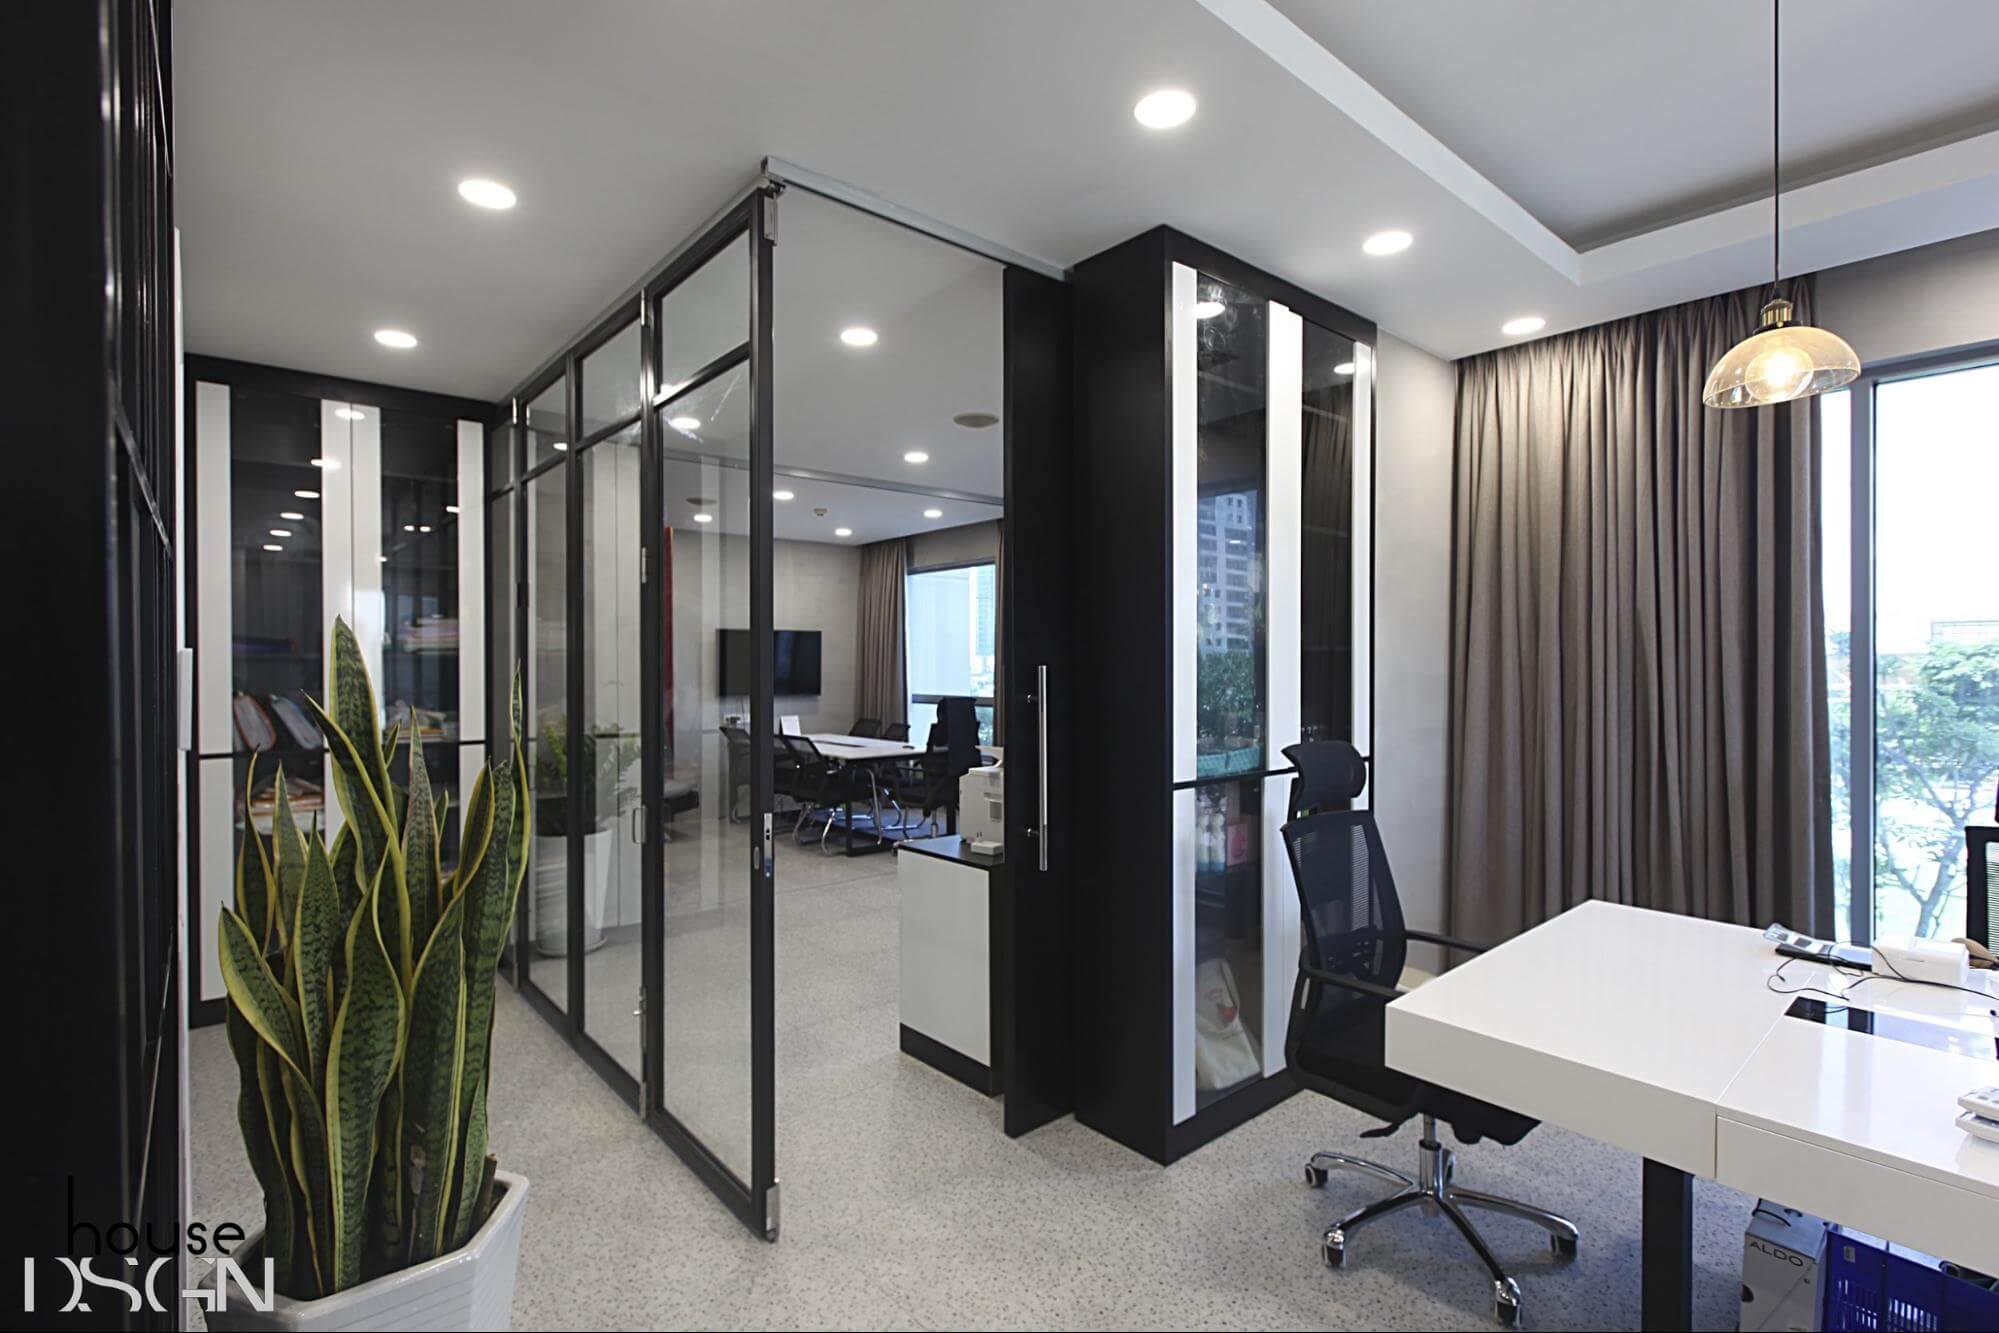 mẫu thiết kế nội thất văn phòng hiện đại đẹp